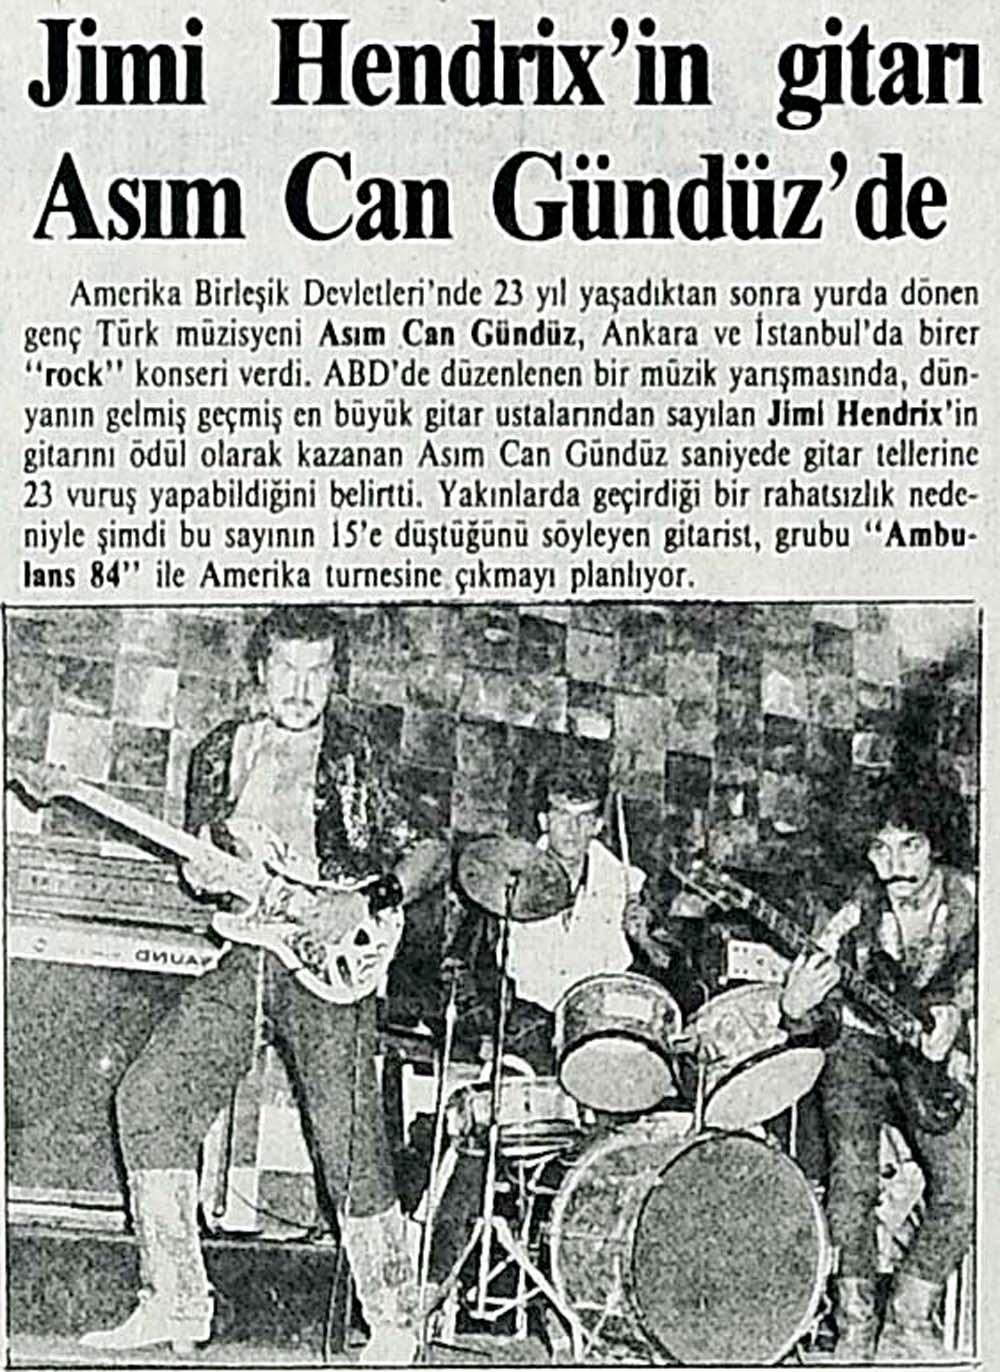 Hendrix'in gitarı Asım'da